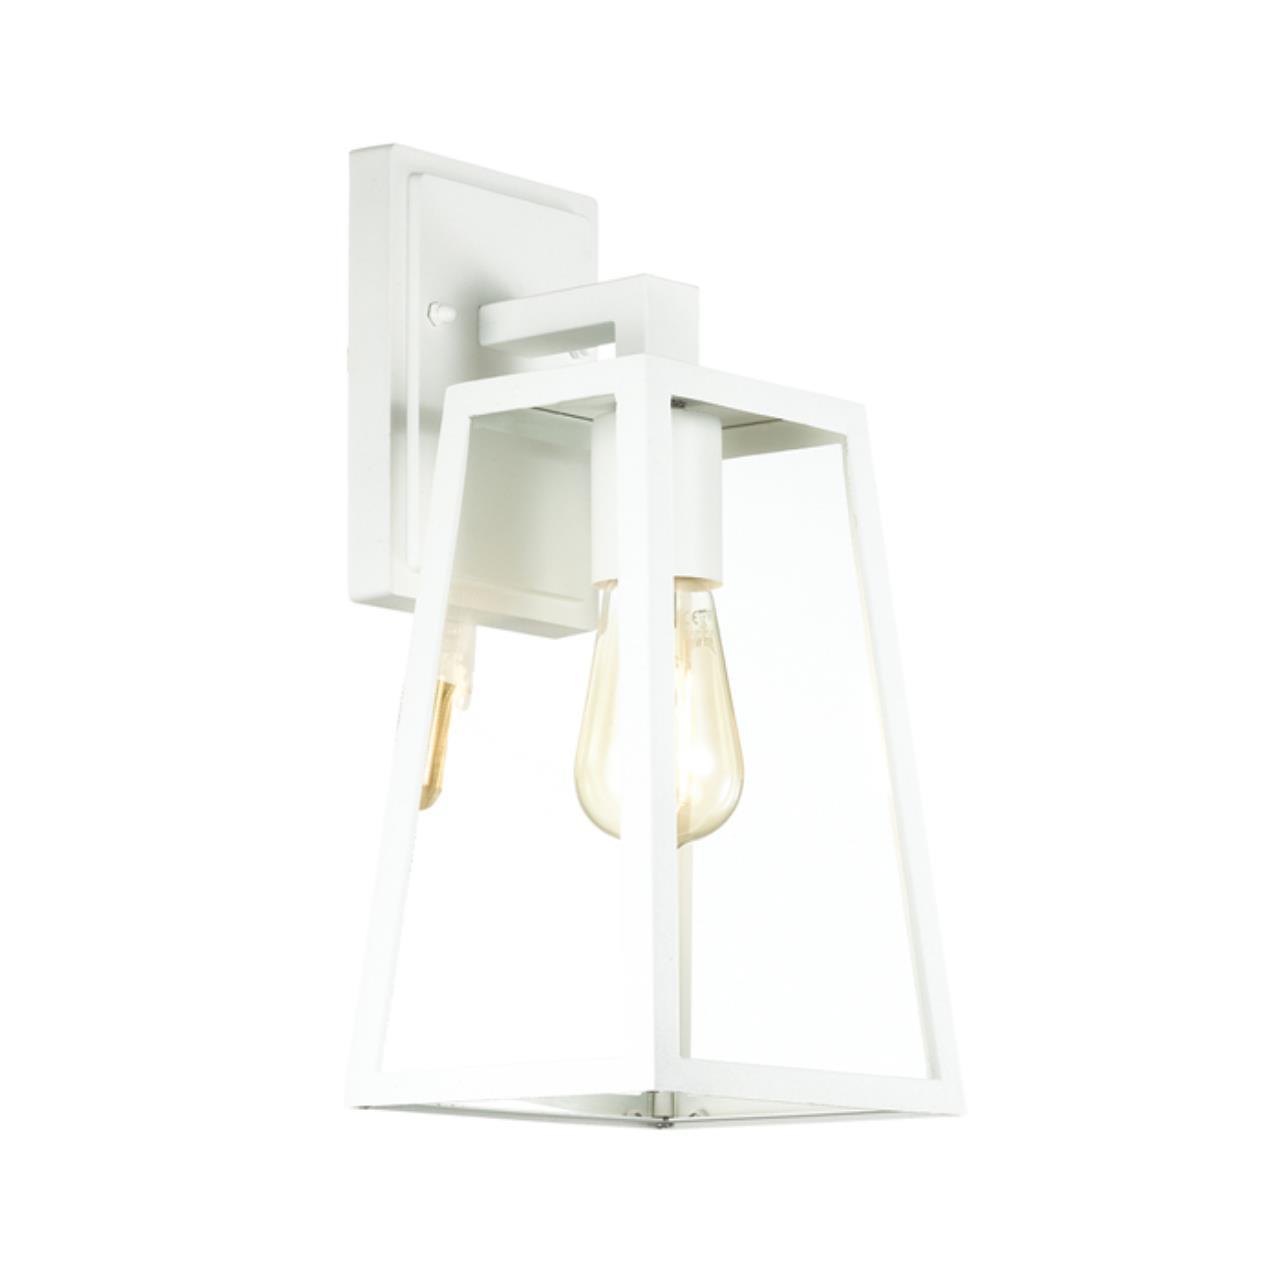 4170/1W NATURE ODL19 693 белый/прозрачный Уличный настенный светильник IP43 E27 1*60W CLOD